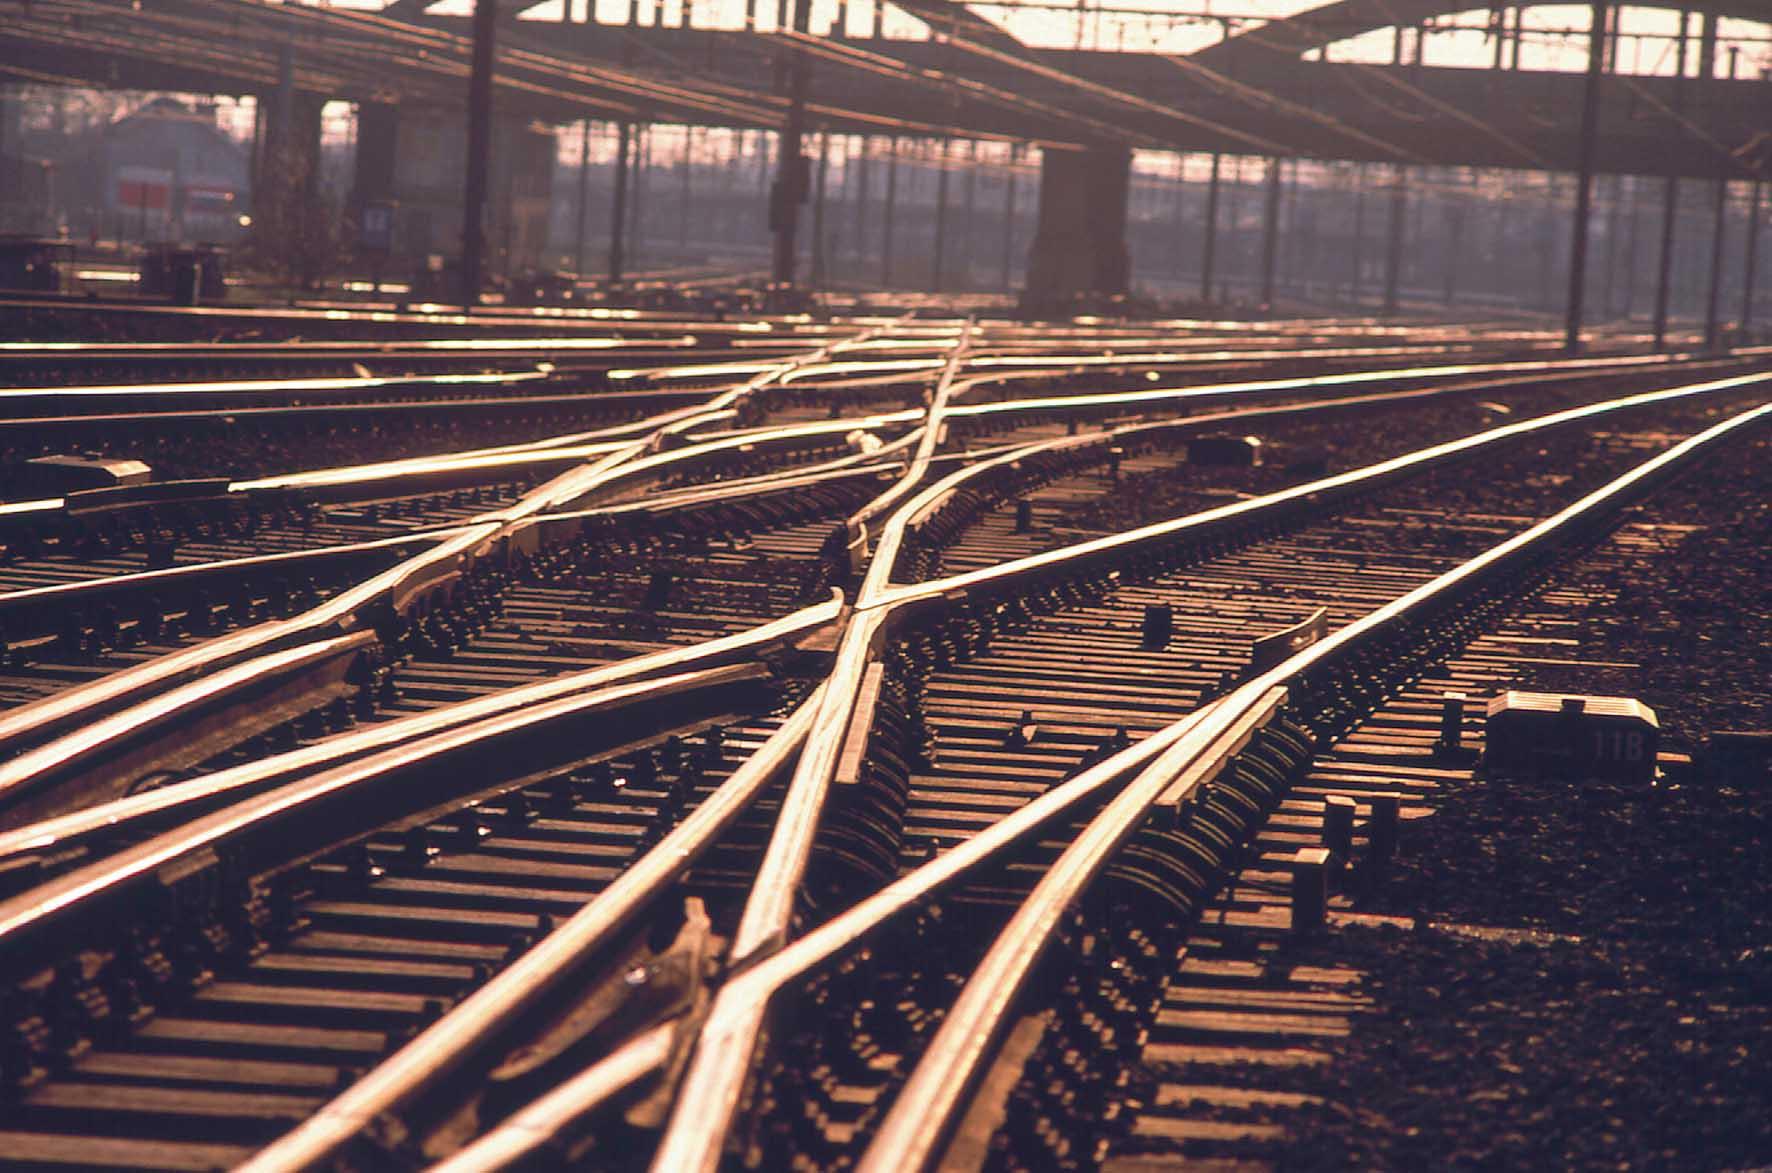 europa binari ferrovia scambi